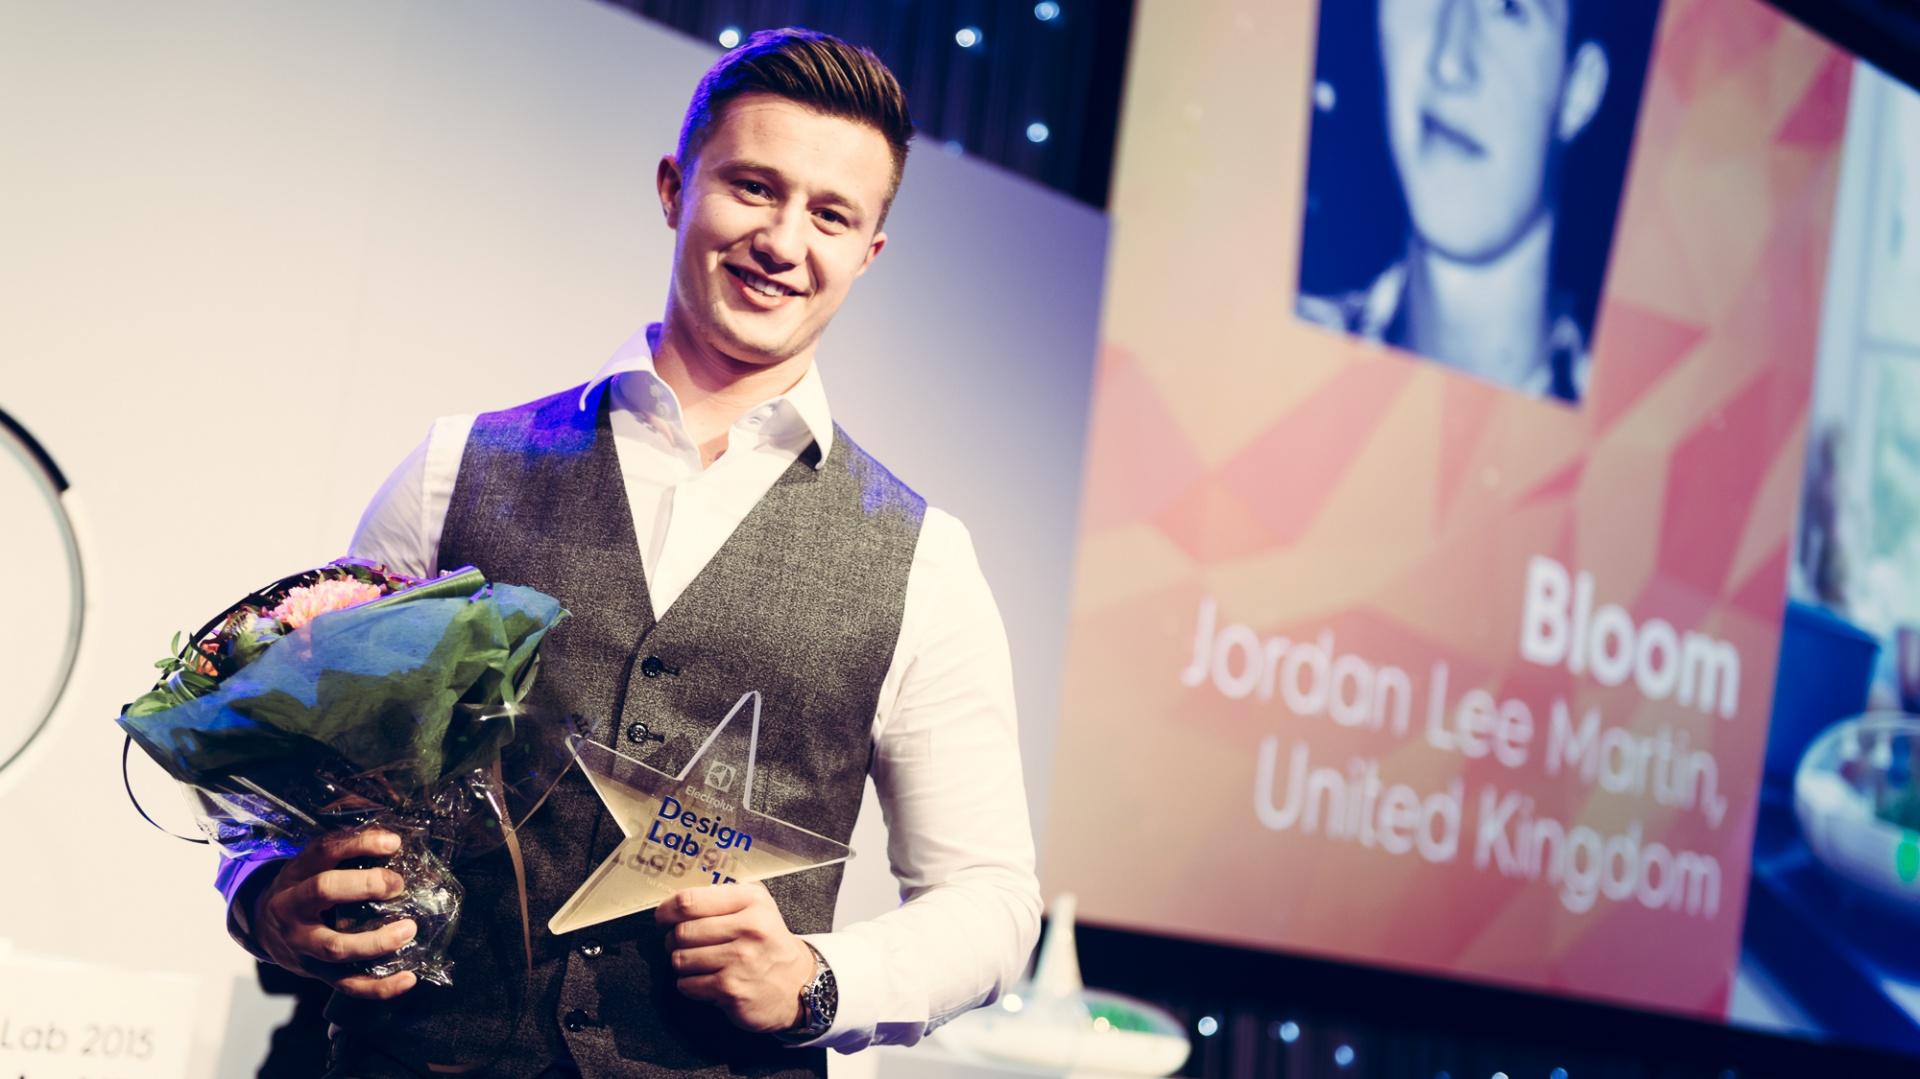 Jordan Lee Martin otrzymał z ramach zwycięstwa 10,000 euro oraz półroczny, płatny staż w globalnym centrum projektowania Electrolux. Fot. EDL